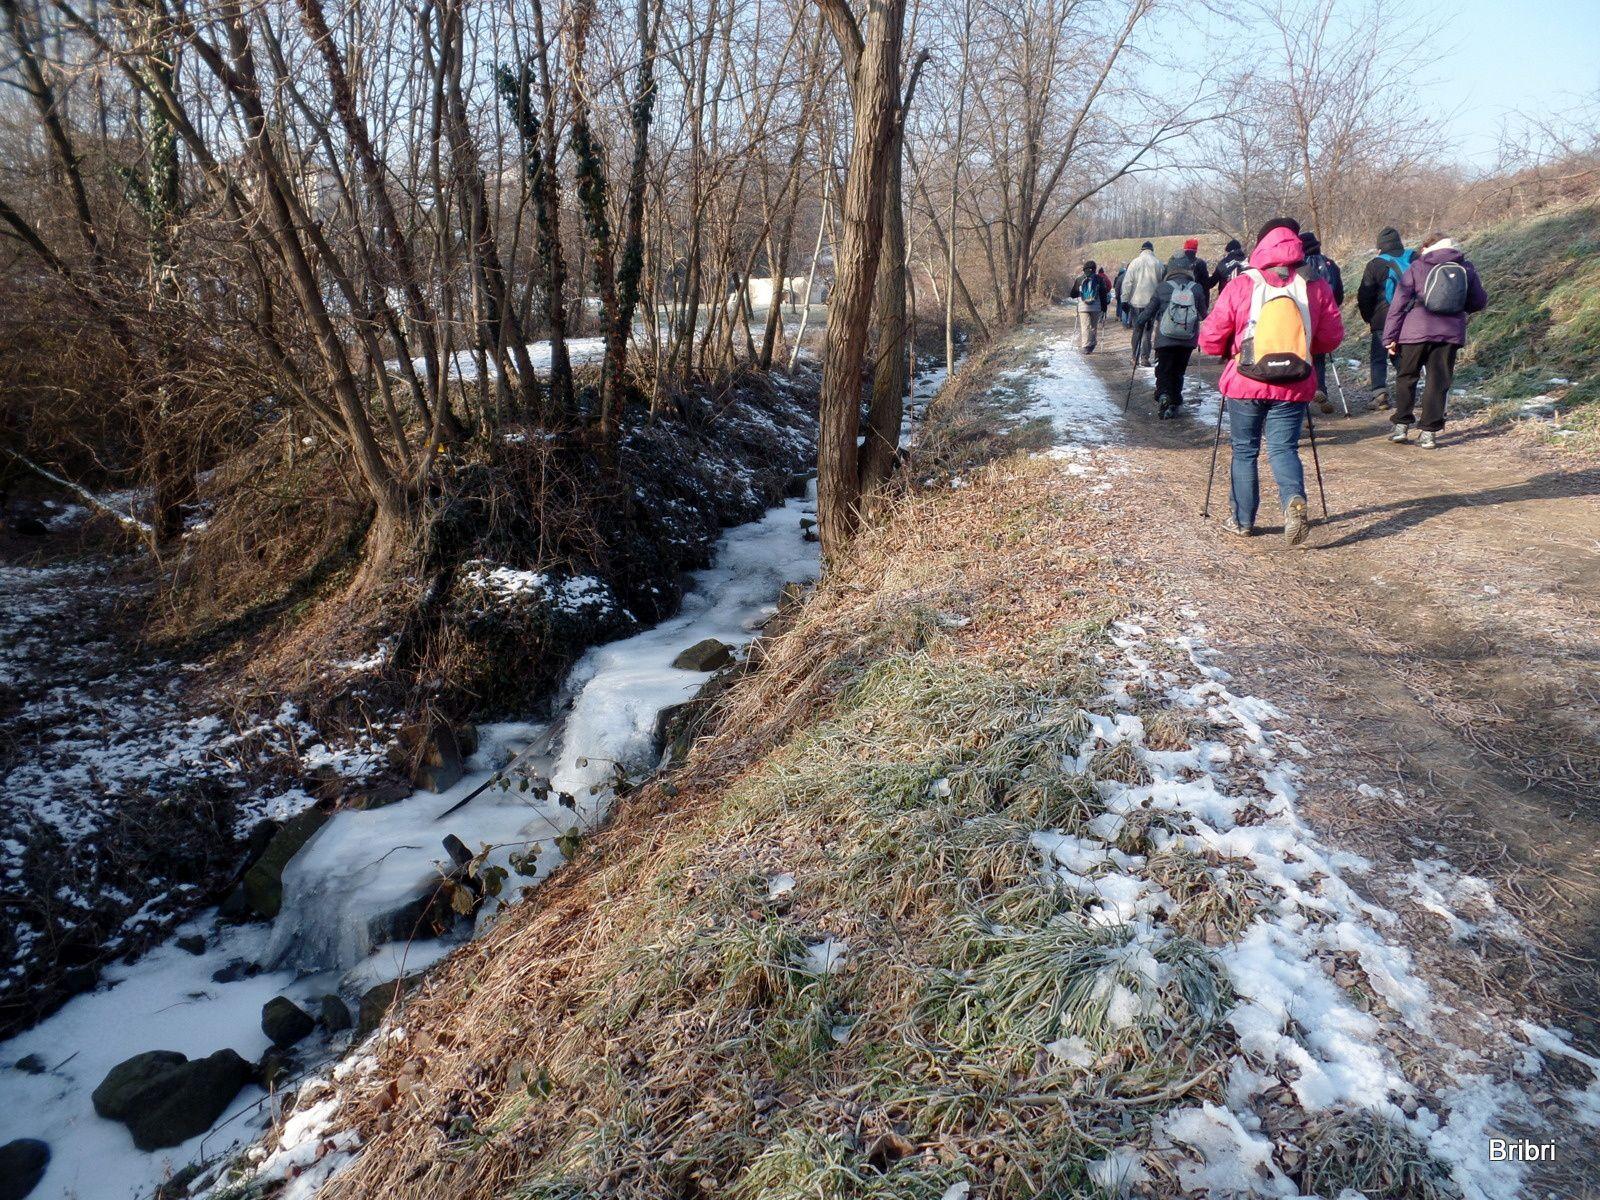 Toujours en montée nous longeons ce petit ruisseau complètement gelé.